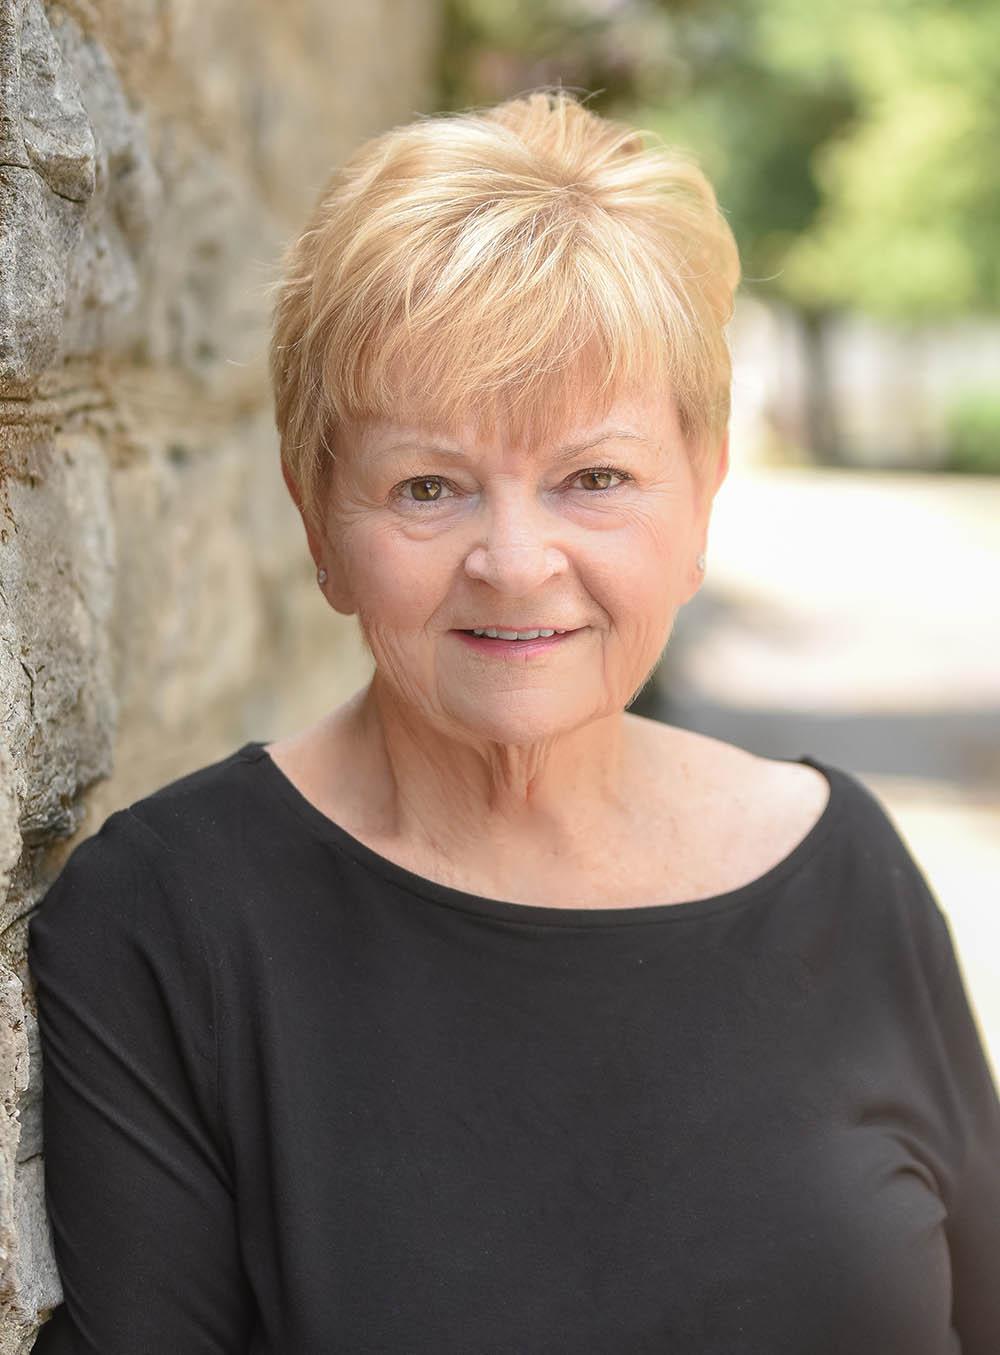 Cathy Schramm